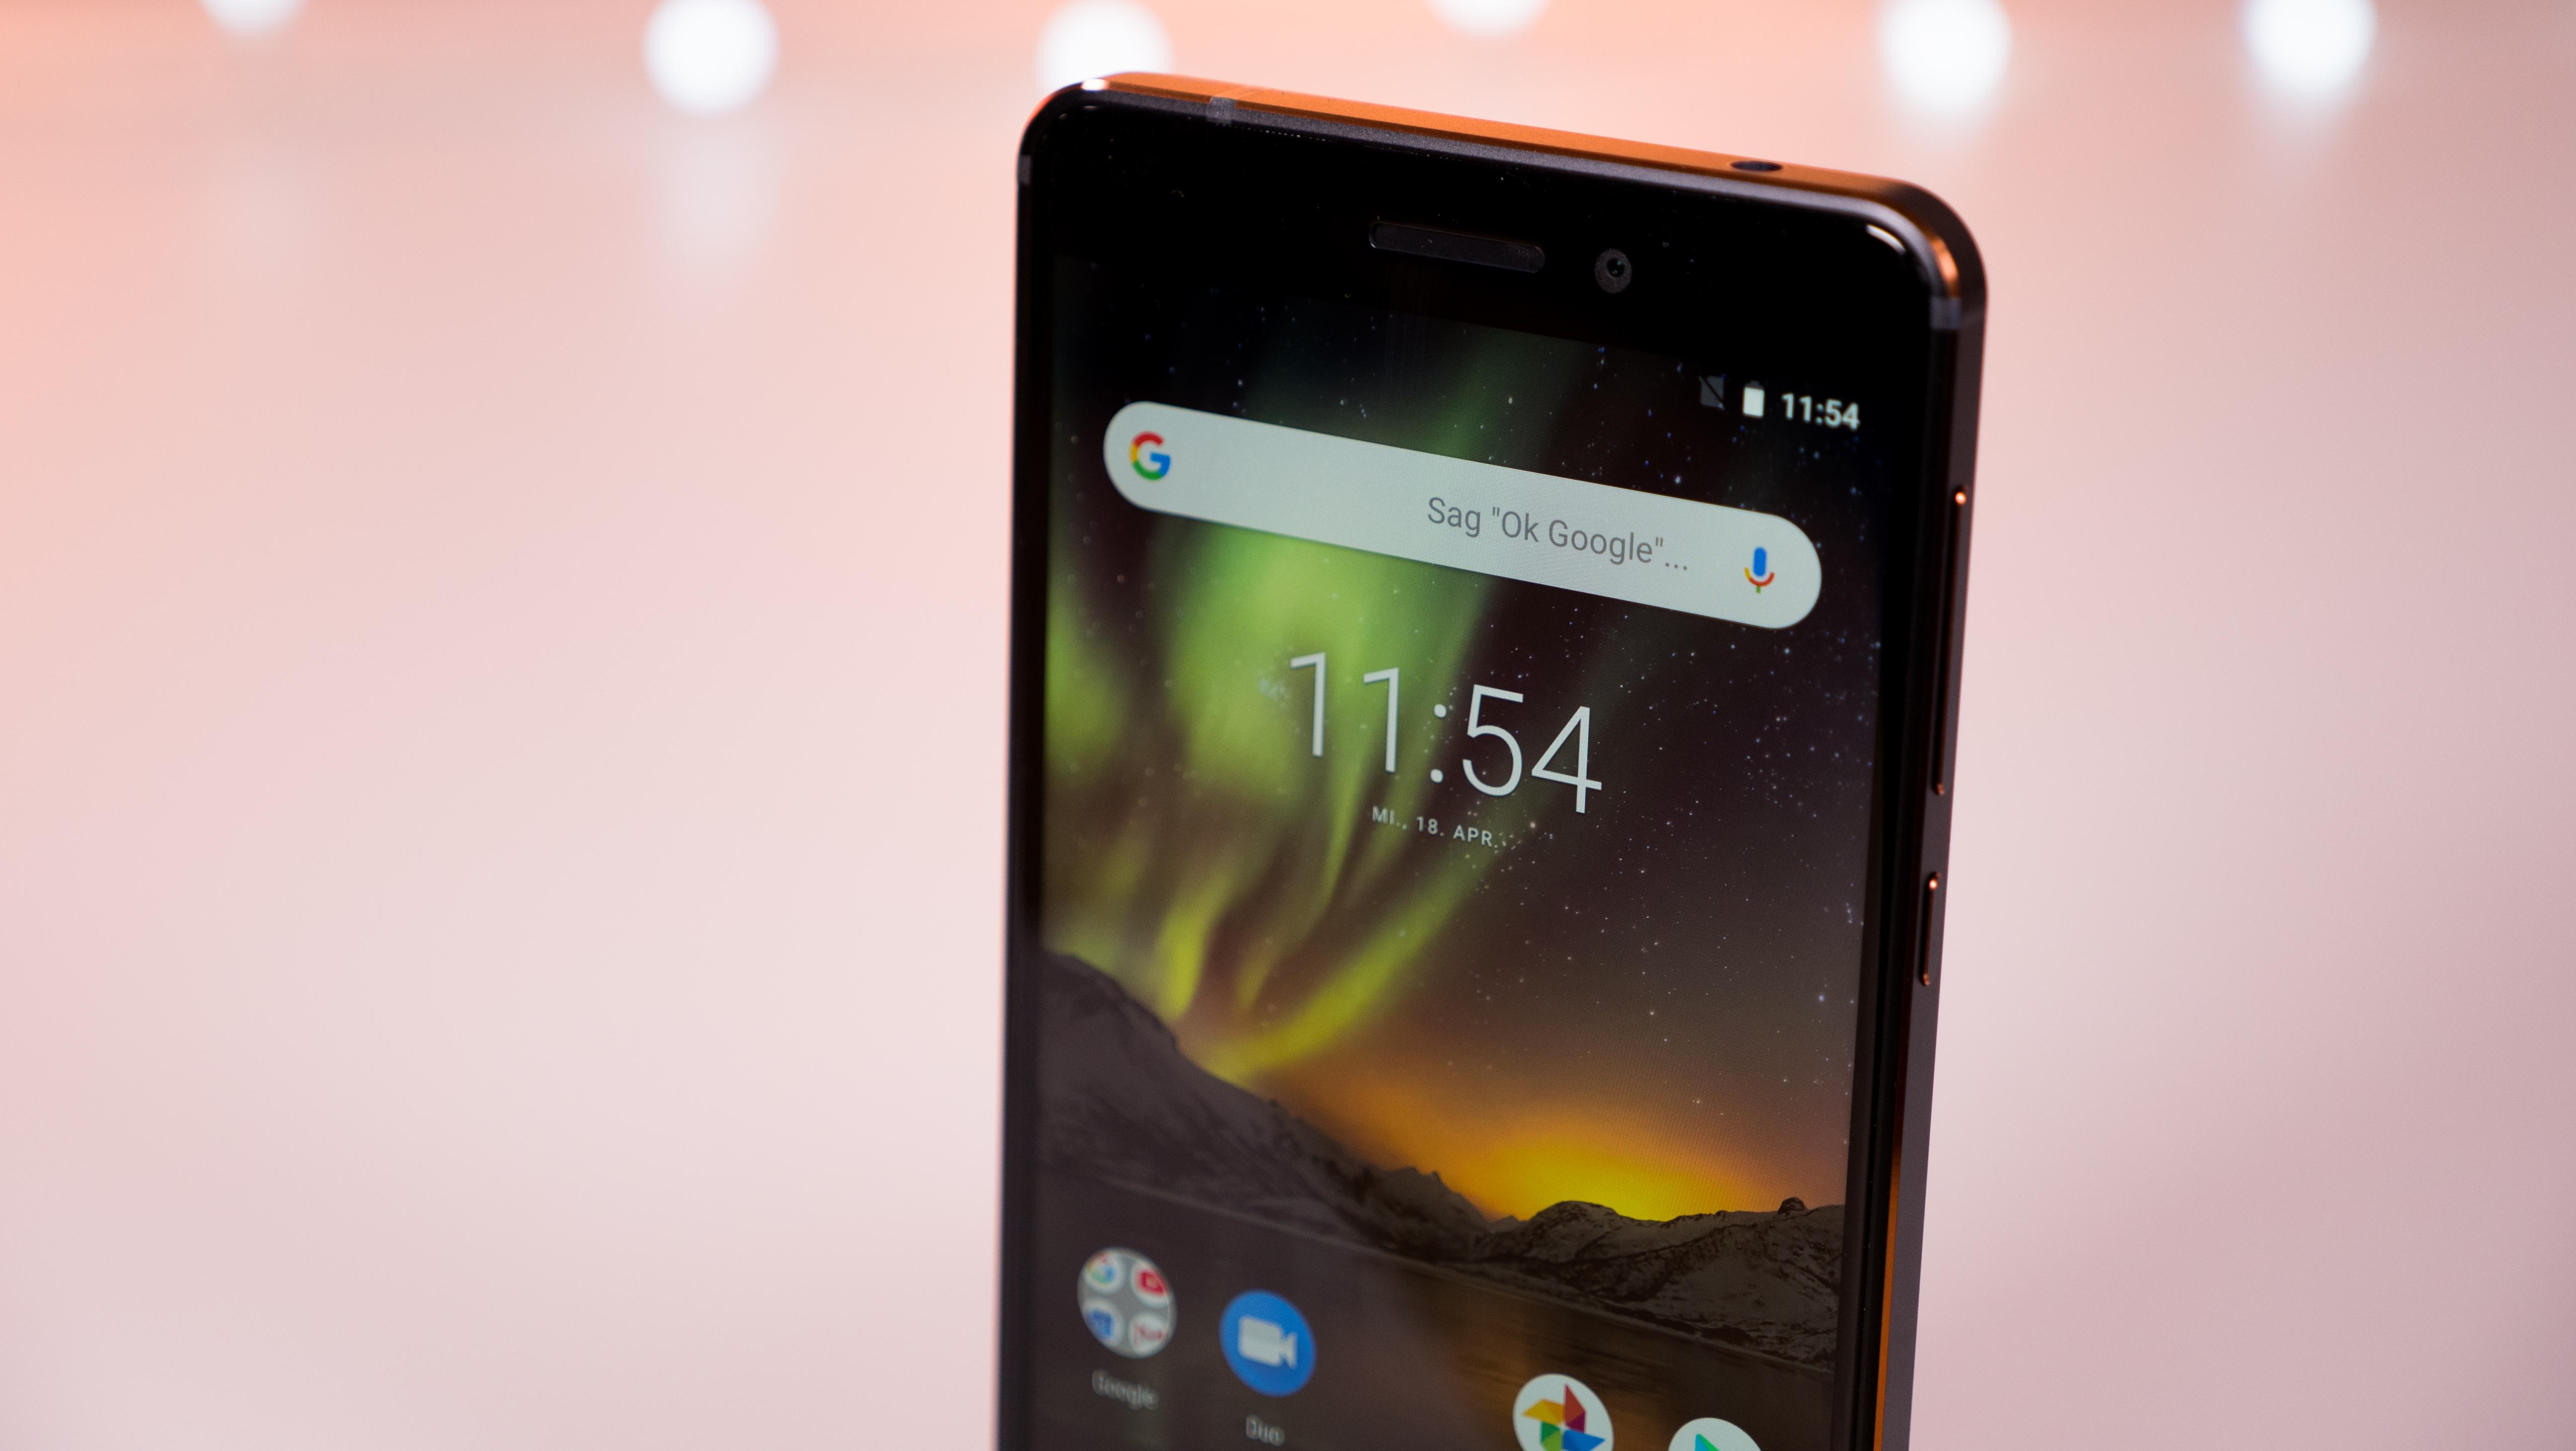 Für 280 Euro bekommt man ein solides Smartphone mit ausreichend Leistung edler Optik aktueller Software und sorgenfreien Updates